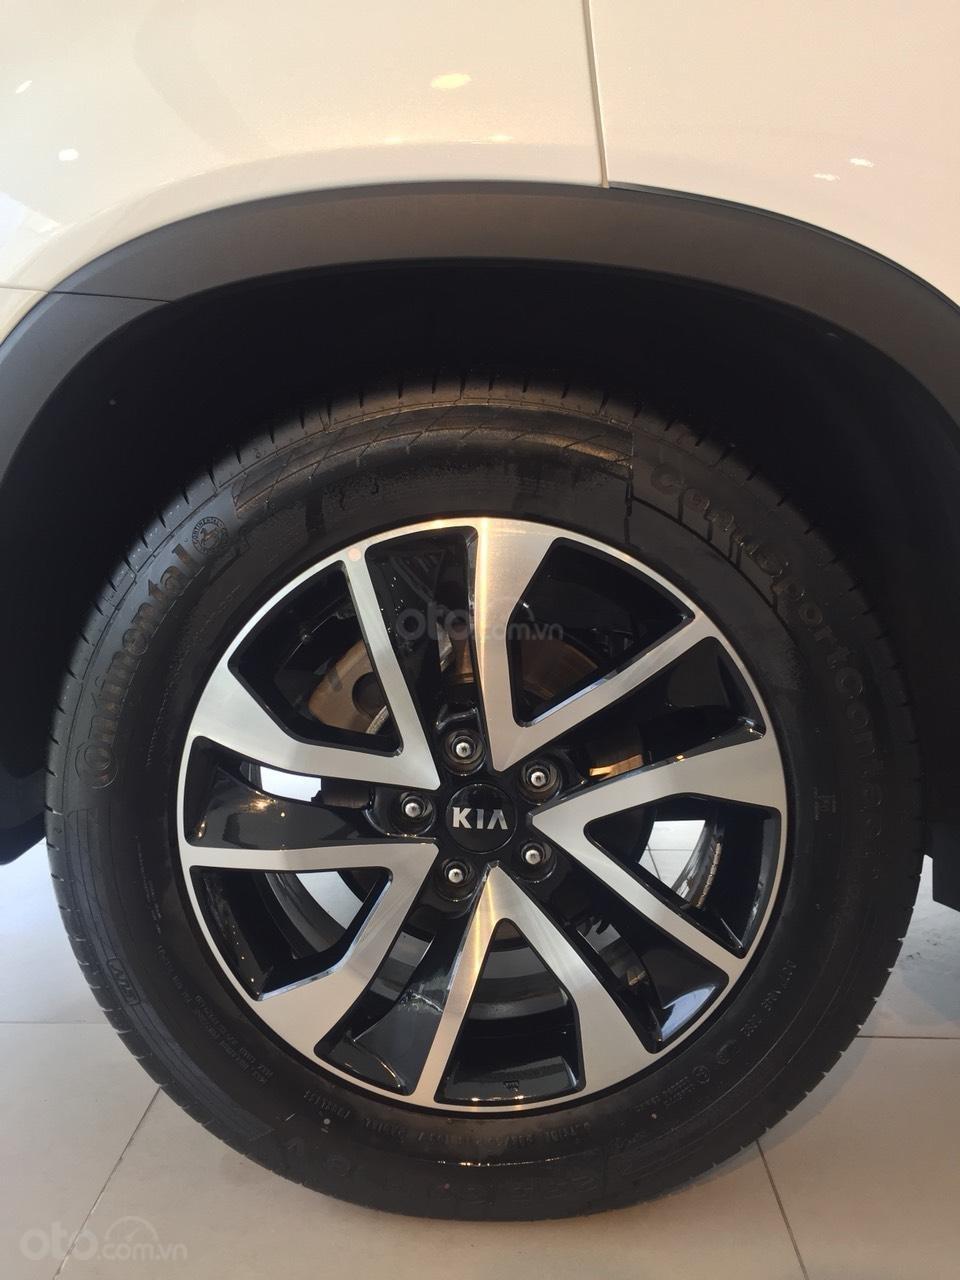 Cần bán xe Kia Sorento đời 2019, chỉ 240 triệu có xe giao ngay đủ màu-5